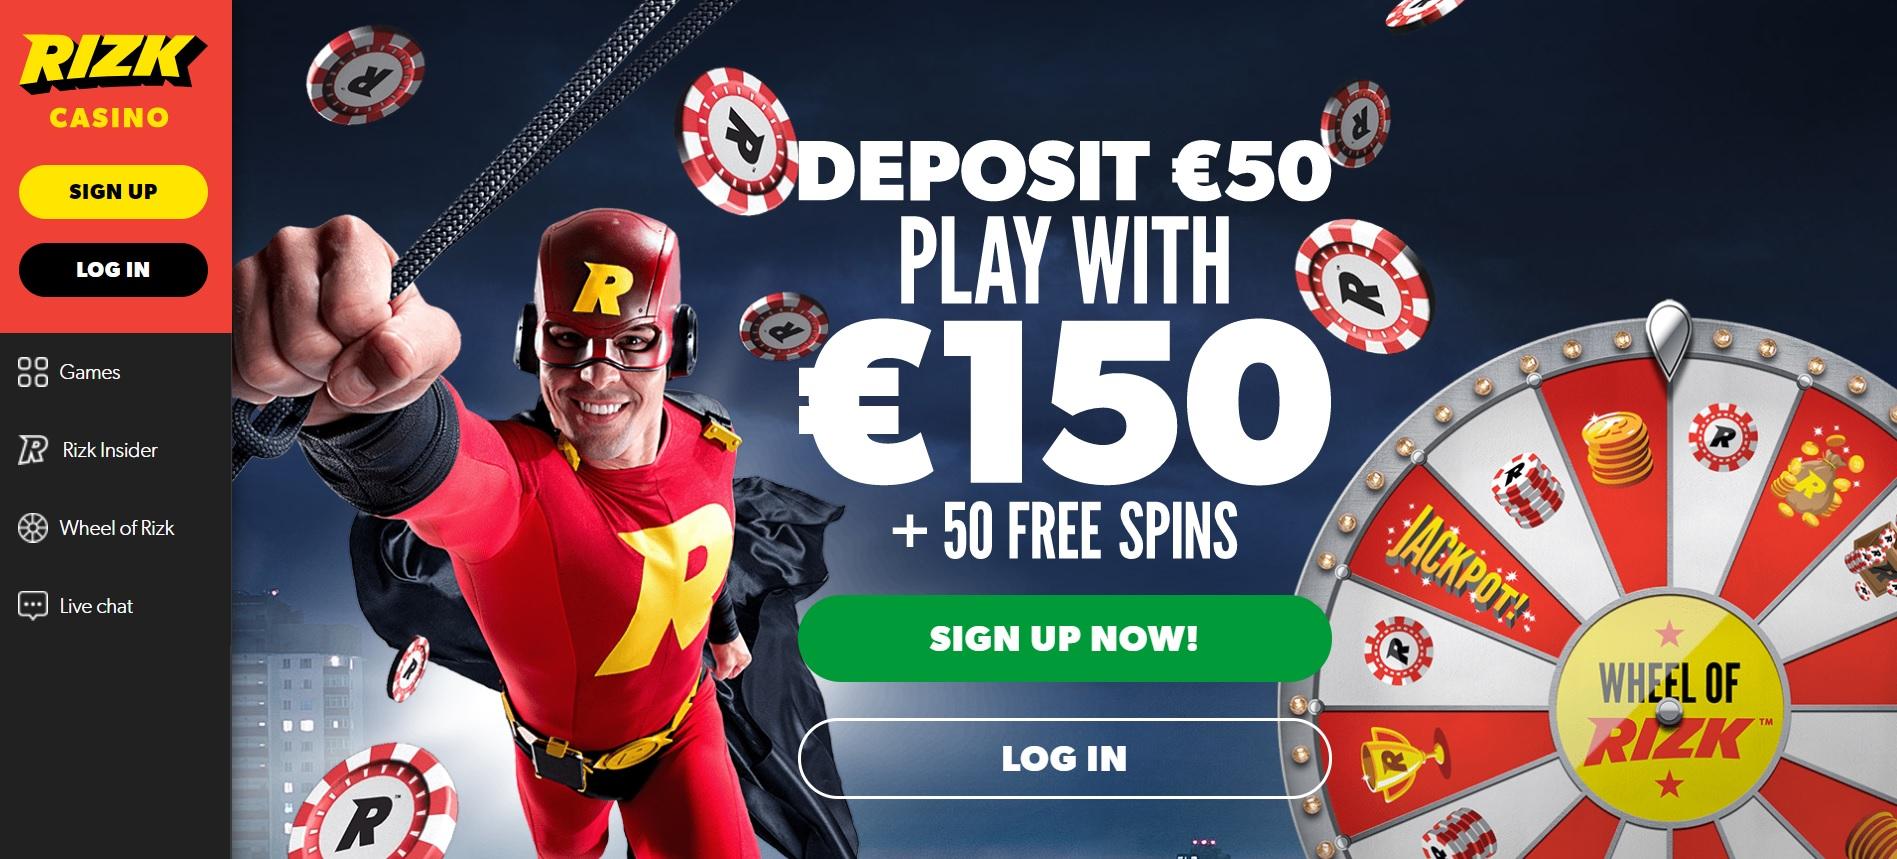 Casino välkomsterbjudande - 35199